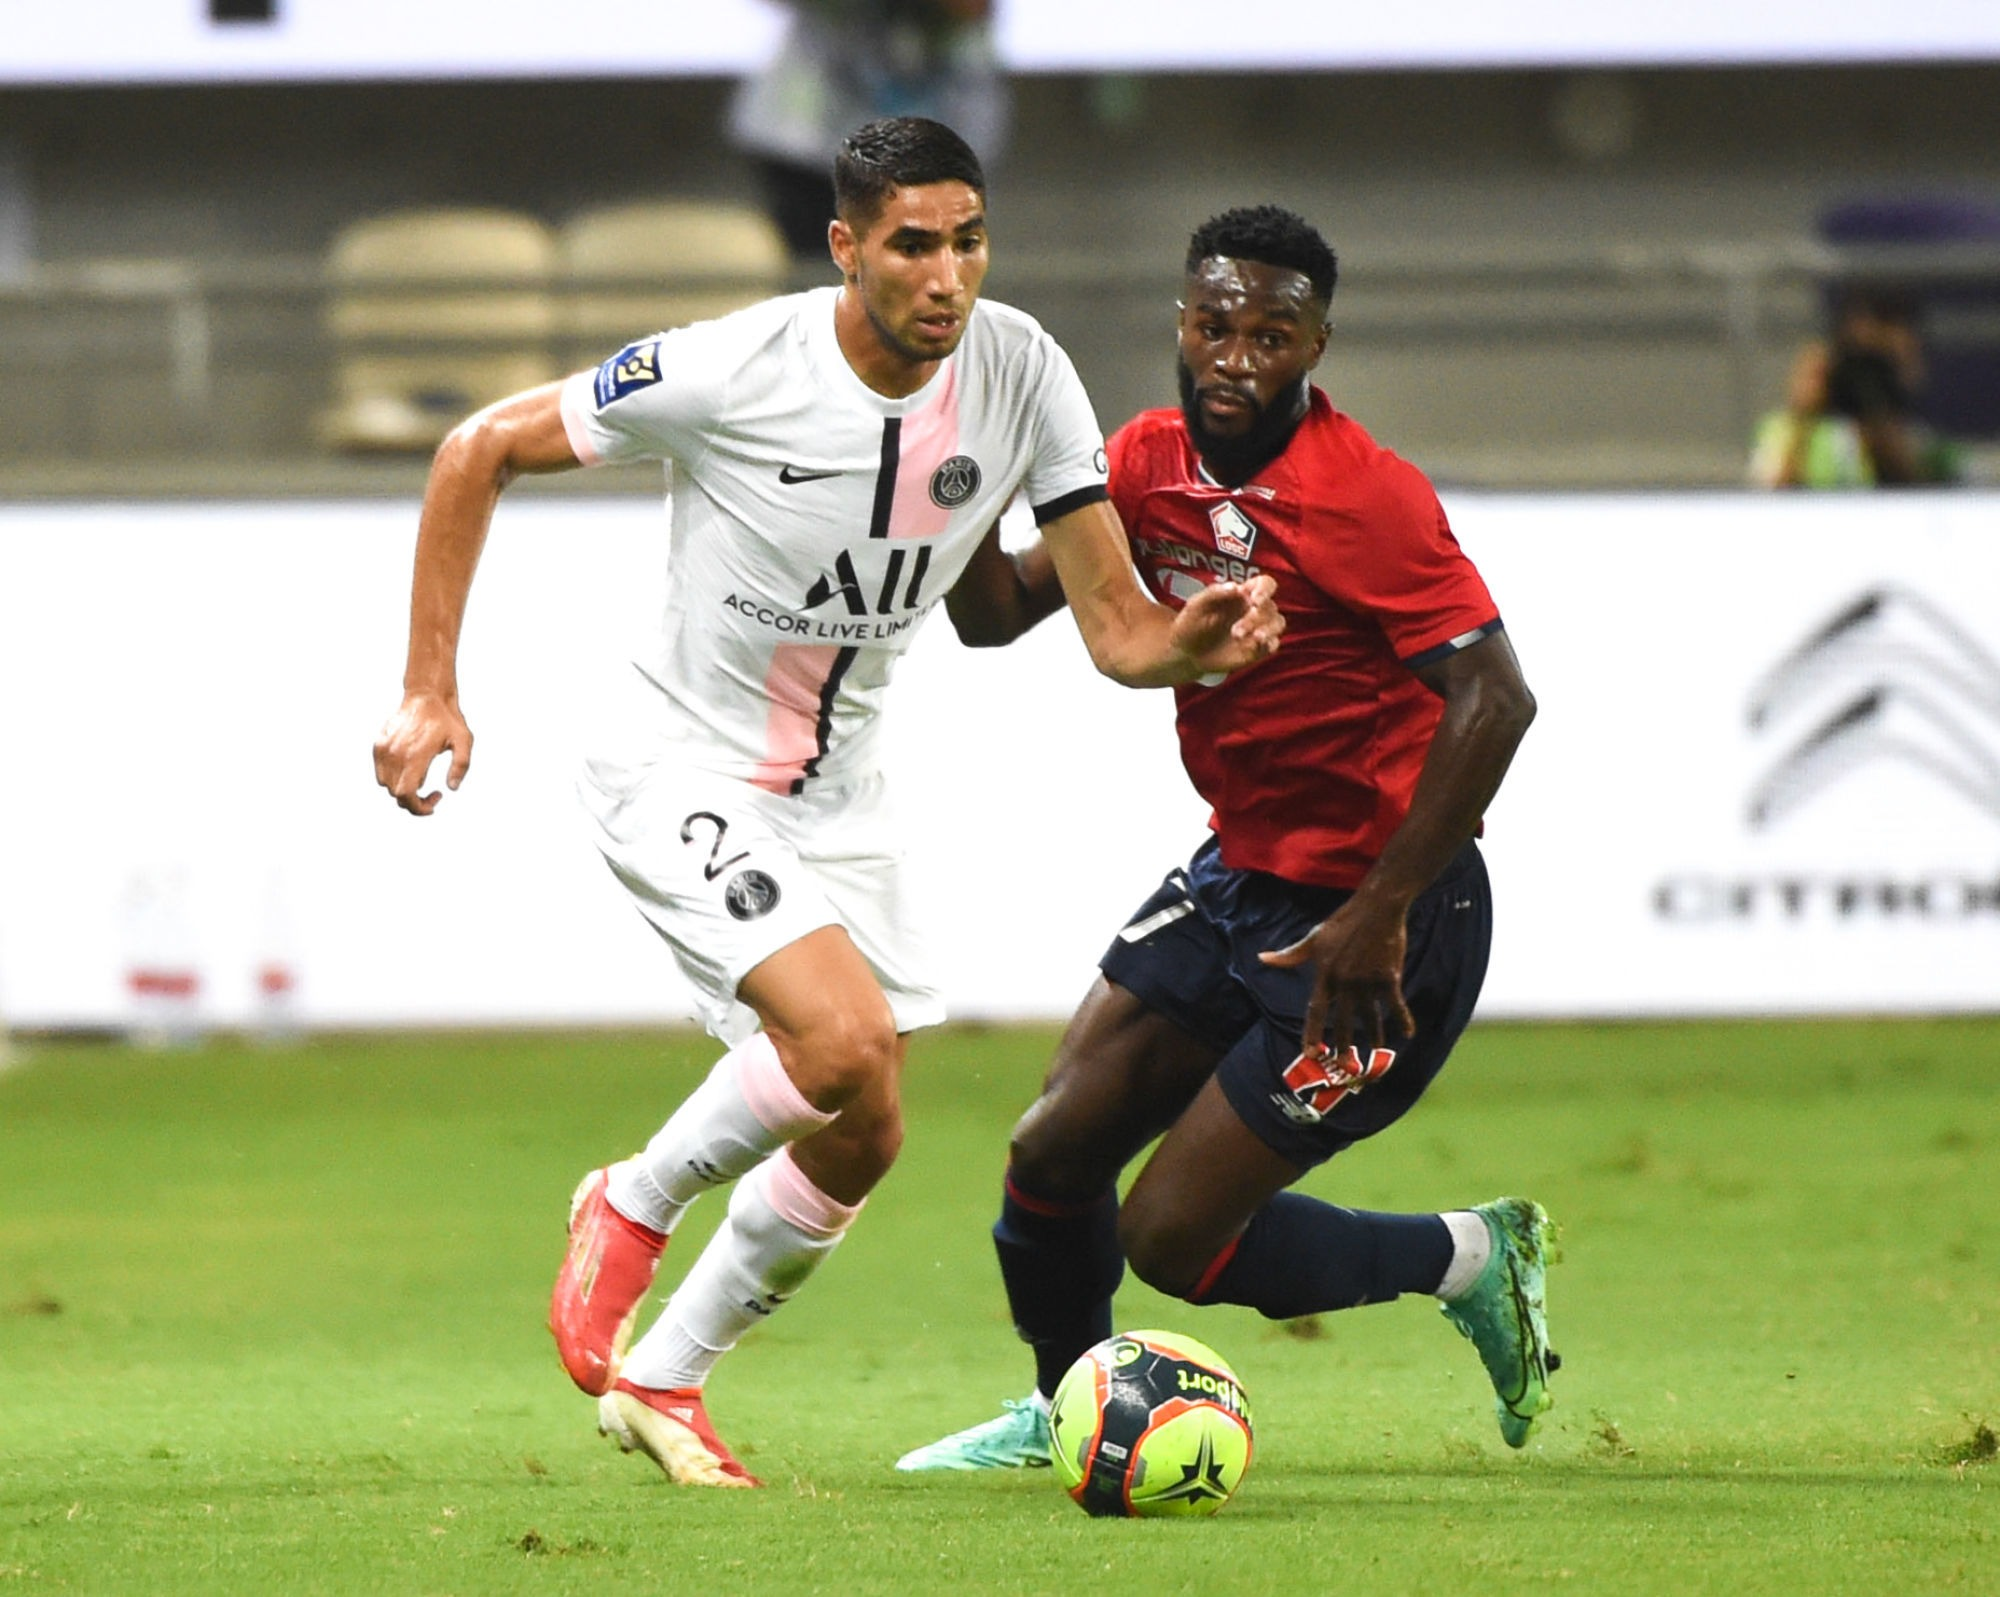 Lille/PSG - Le CUP affiche son soutien à Hakimi et regrette le manque de réaction